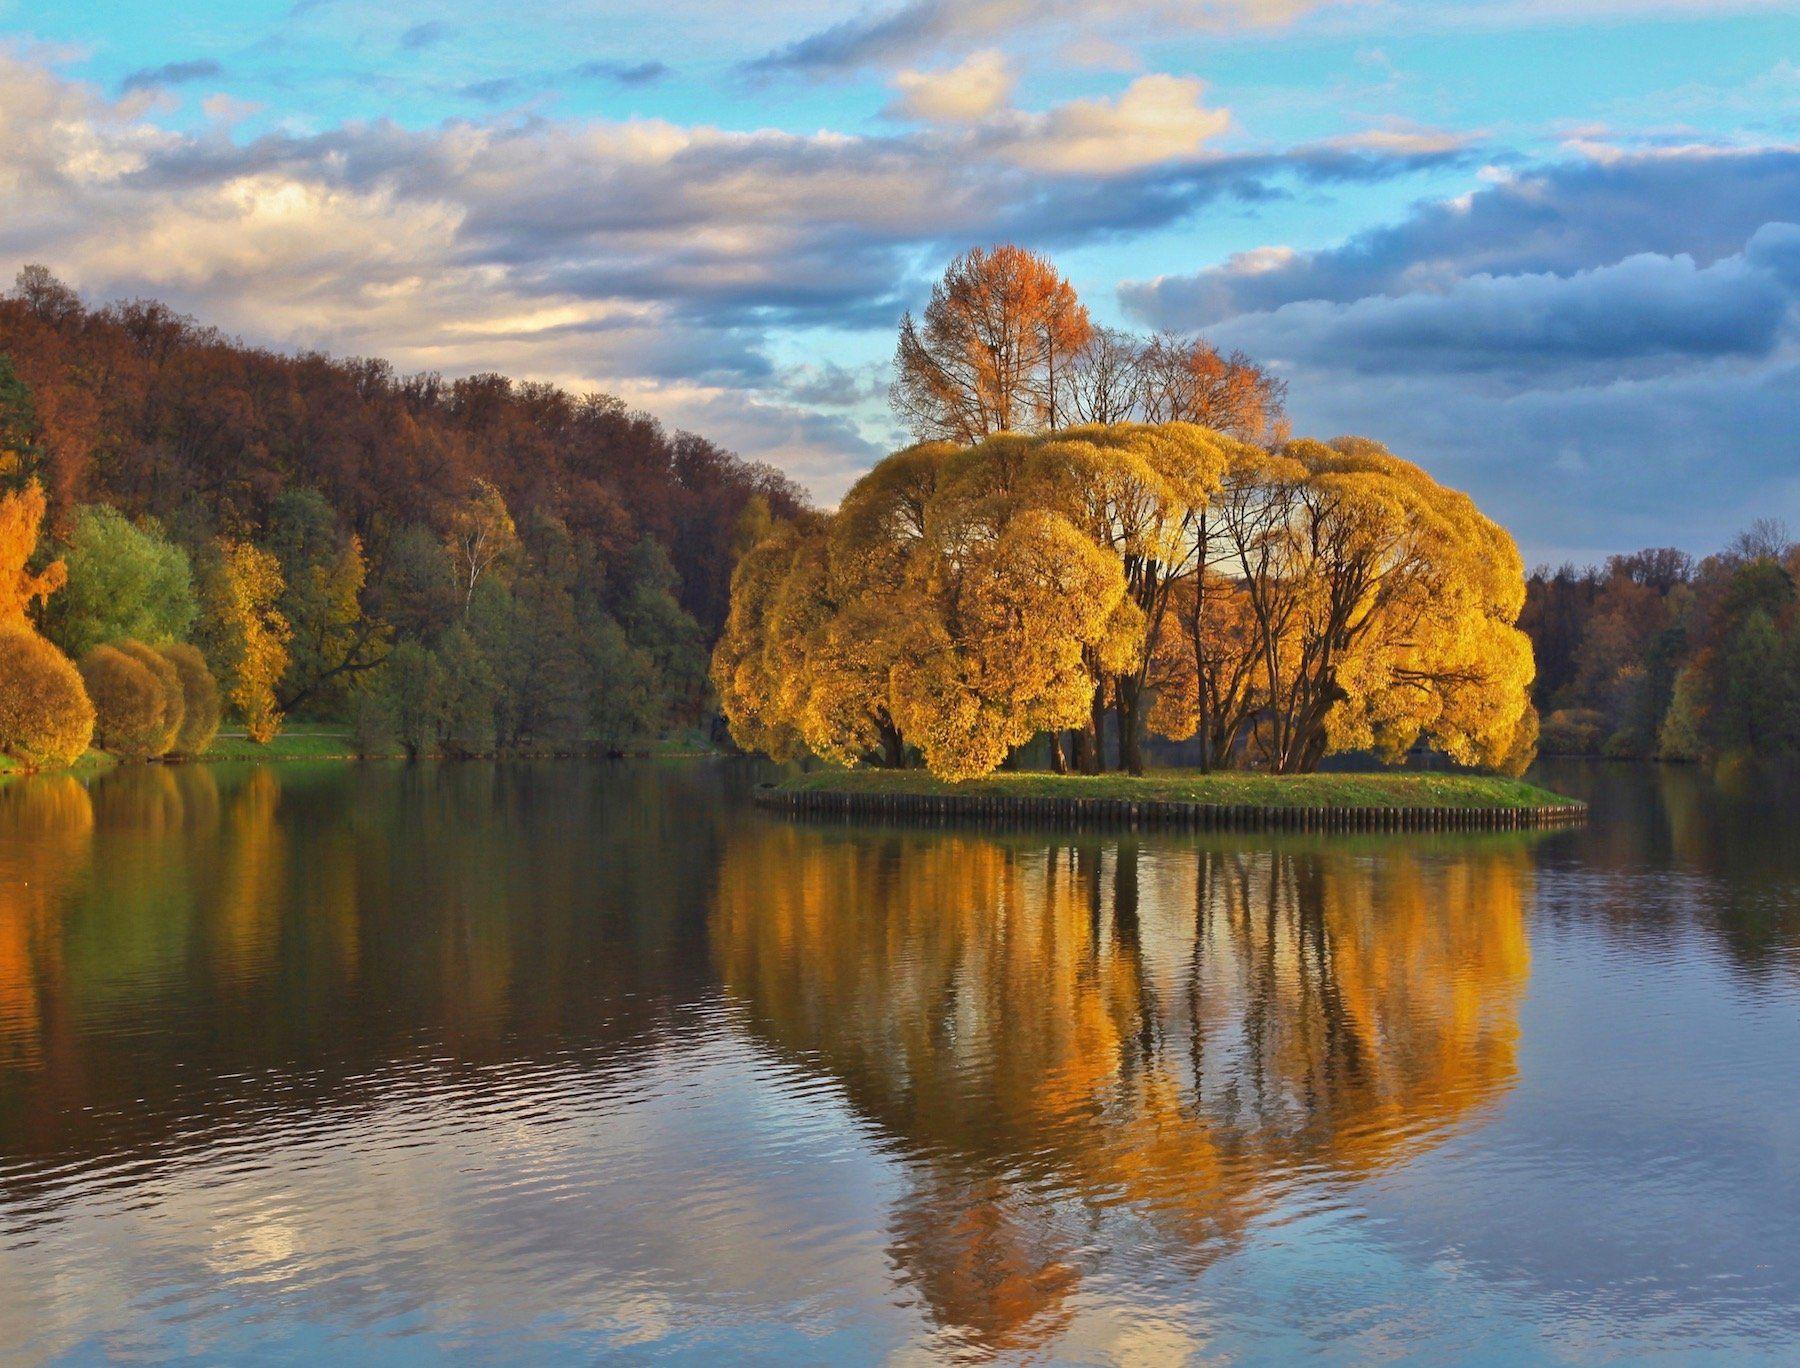 золотая осень, природа, gold autumn, пруд, царицыно, москва, дерево, отражение, reflection, небо, sky, облака, landscape, Julia Kaissa